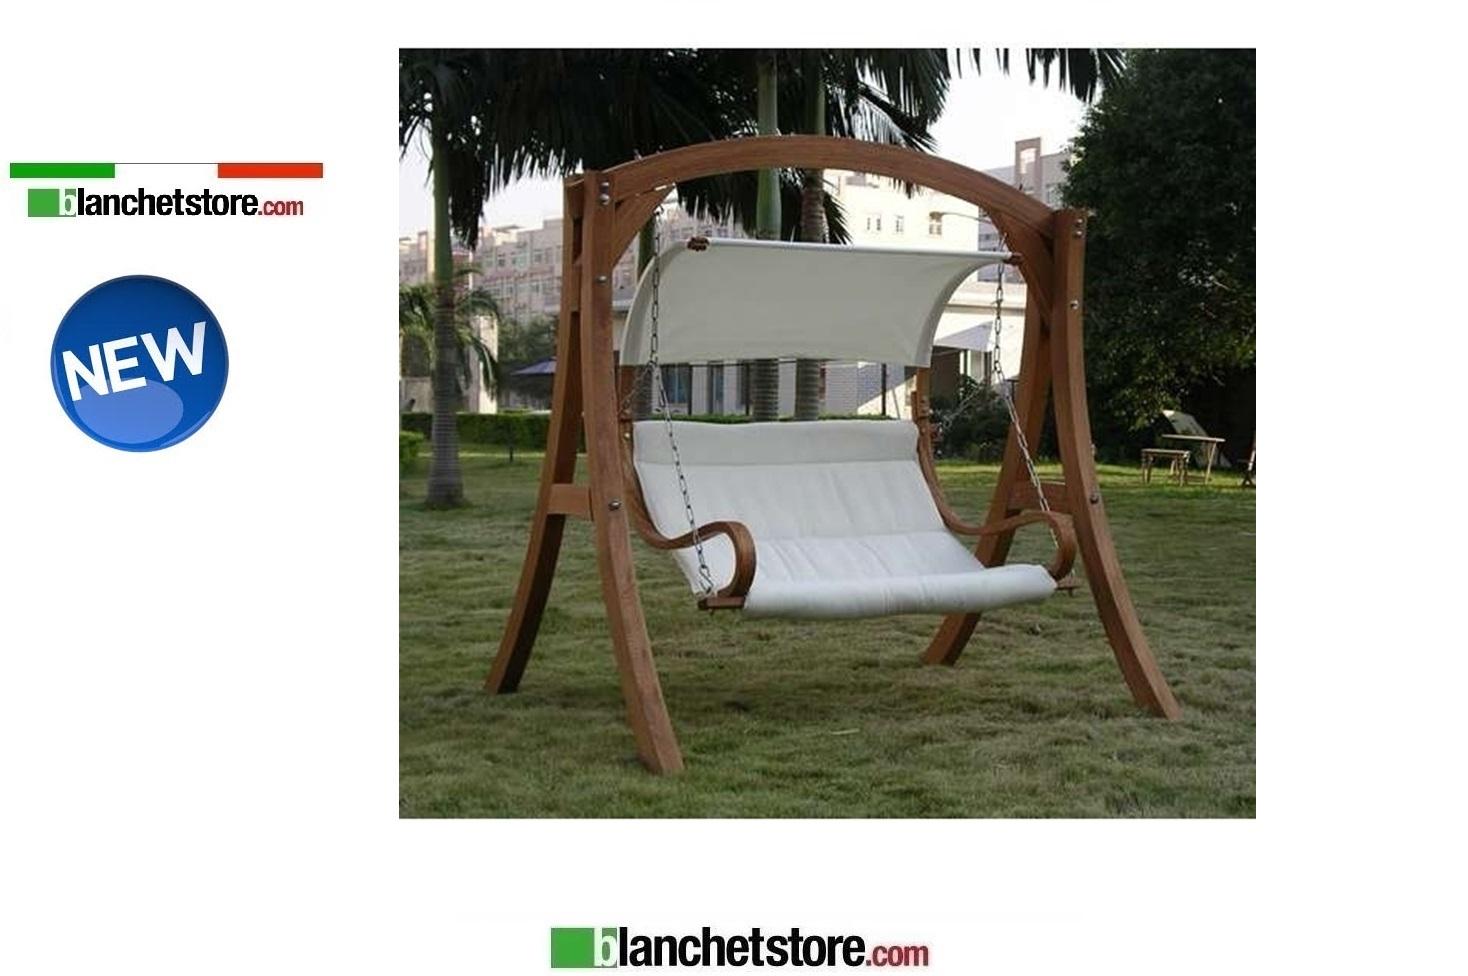 Dondolo Da Giardino In Legno : Dondolo da giardino 2 posti mod.salemi in legno larice 329.00eur